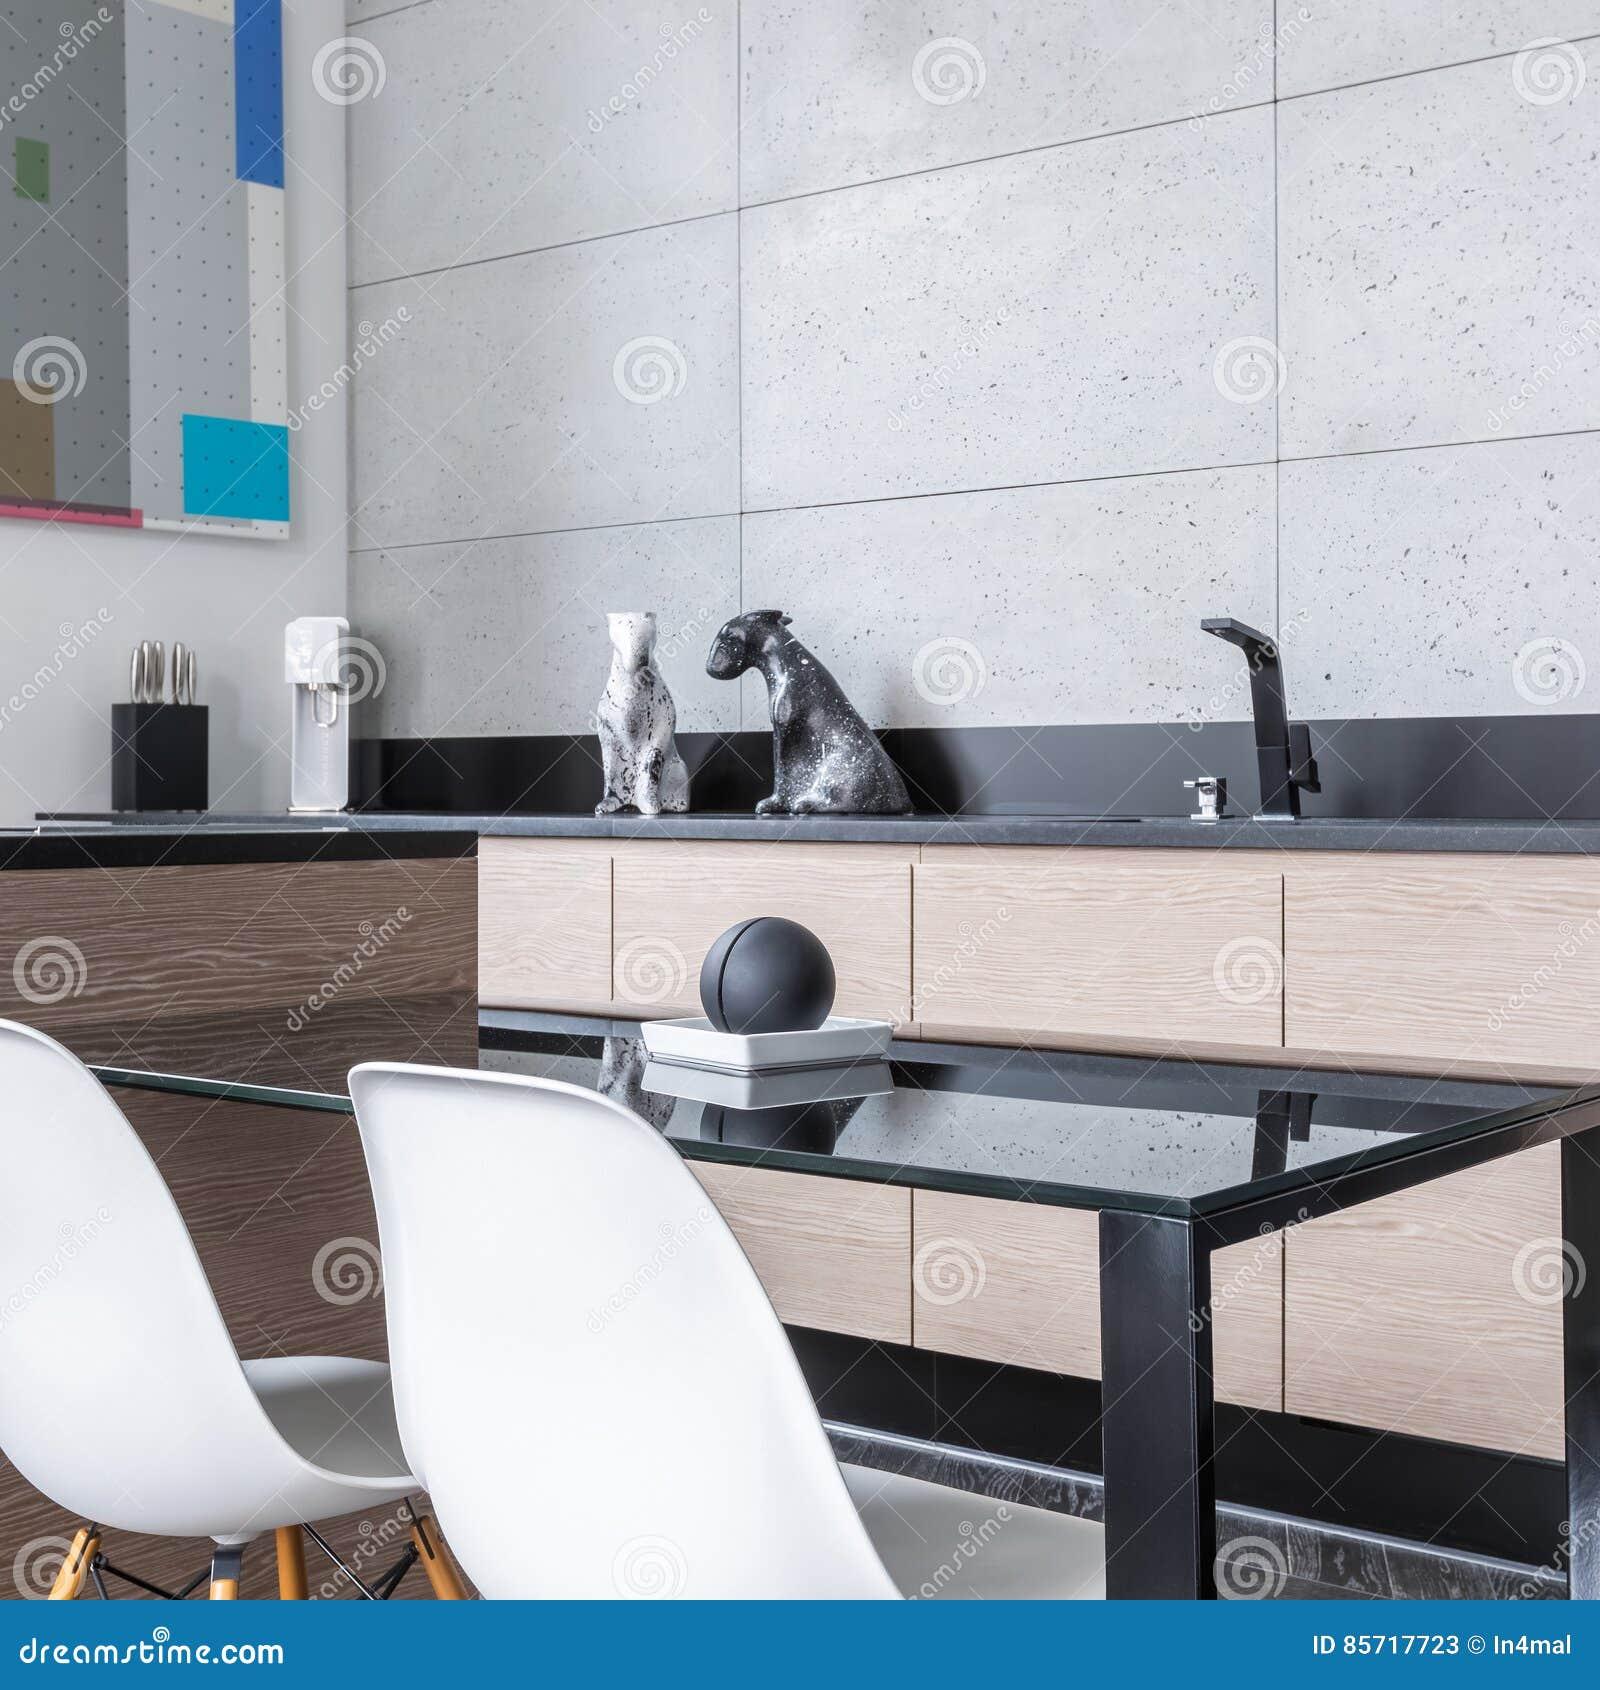 Beste Kücheneinheit Tabelle Galerie - Ideen Für Die Küche Dekoration ...